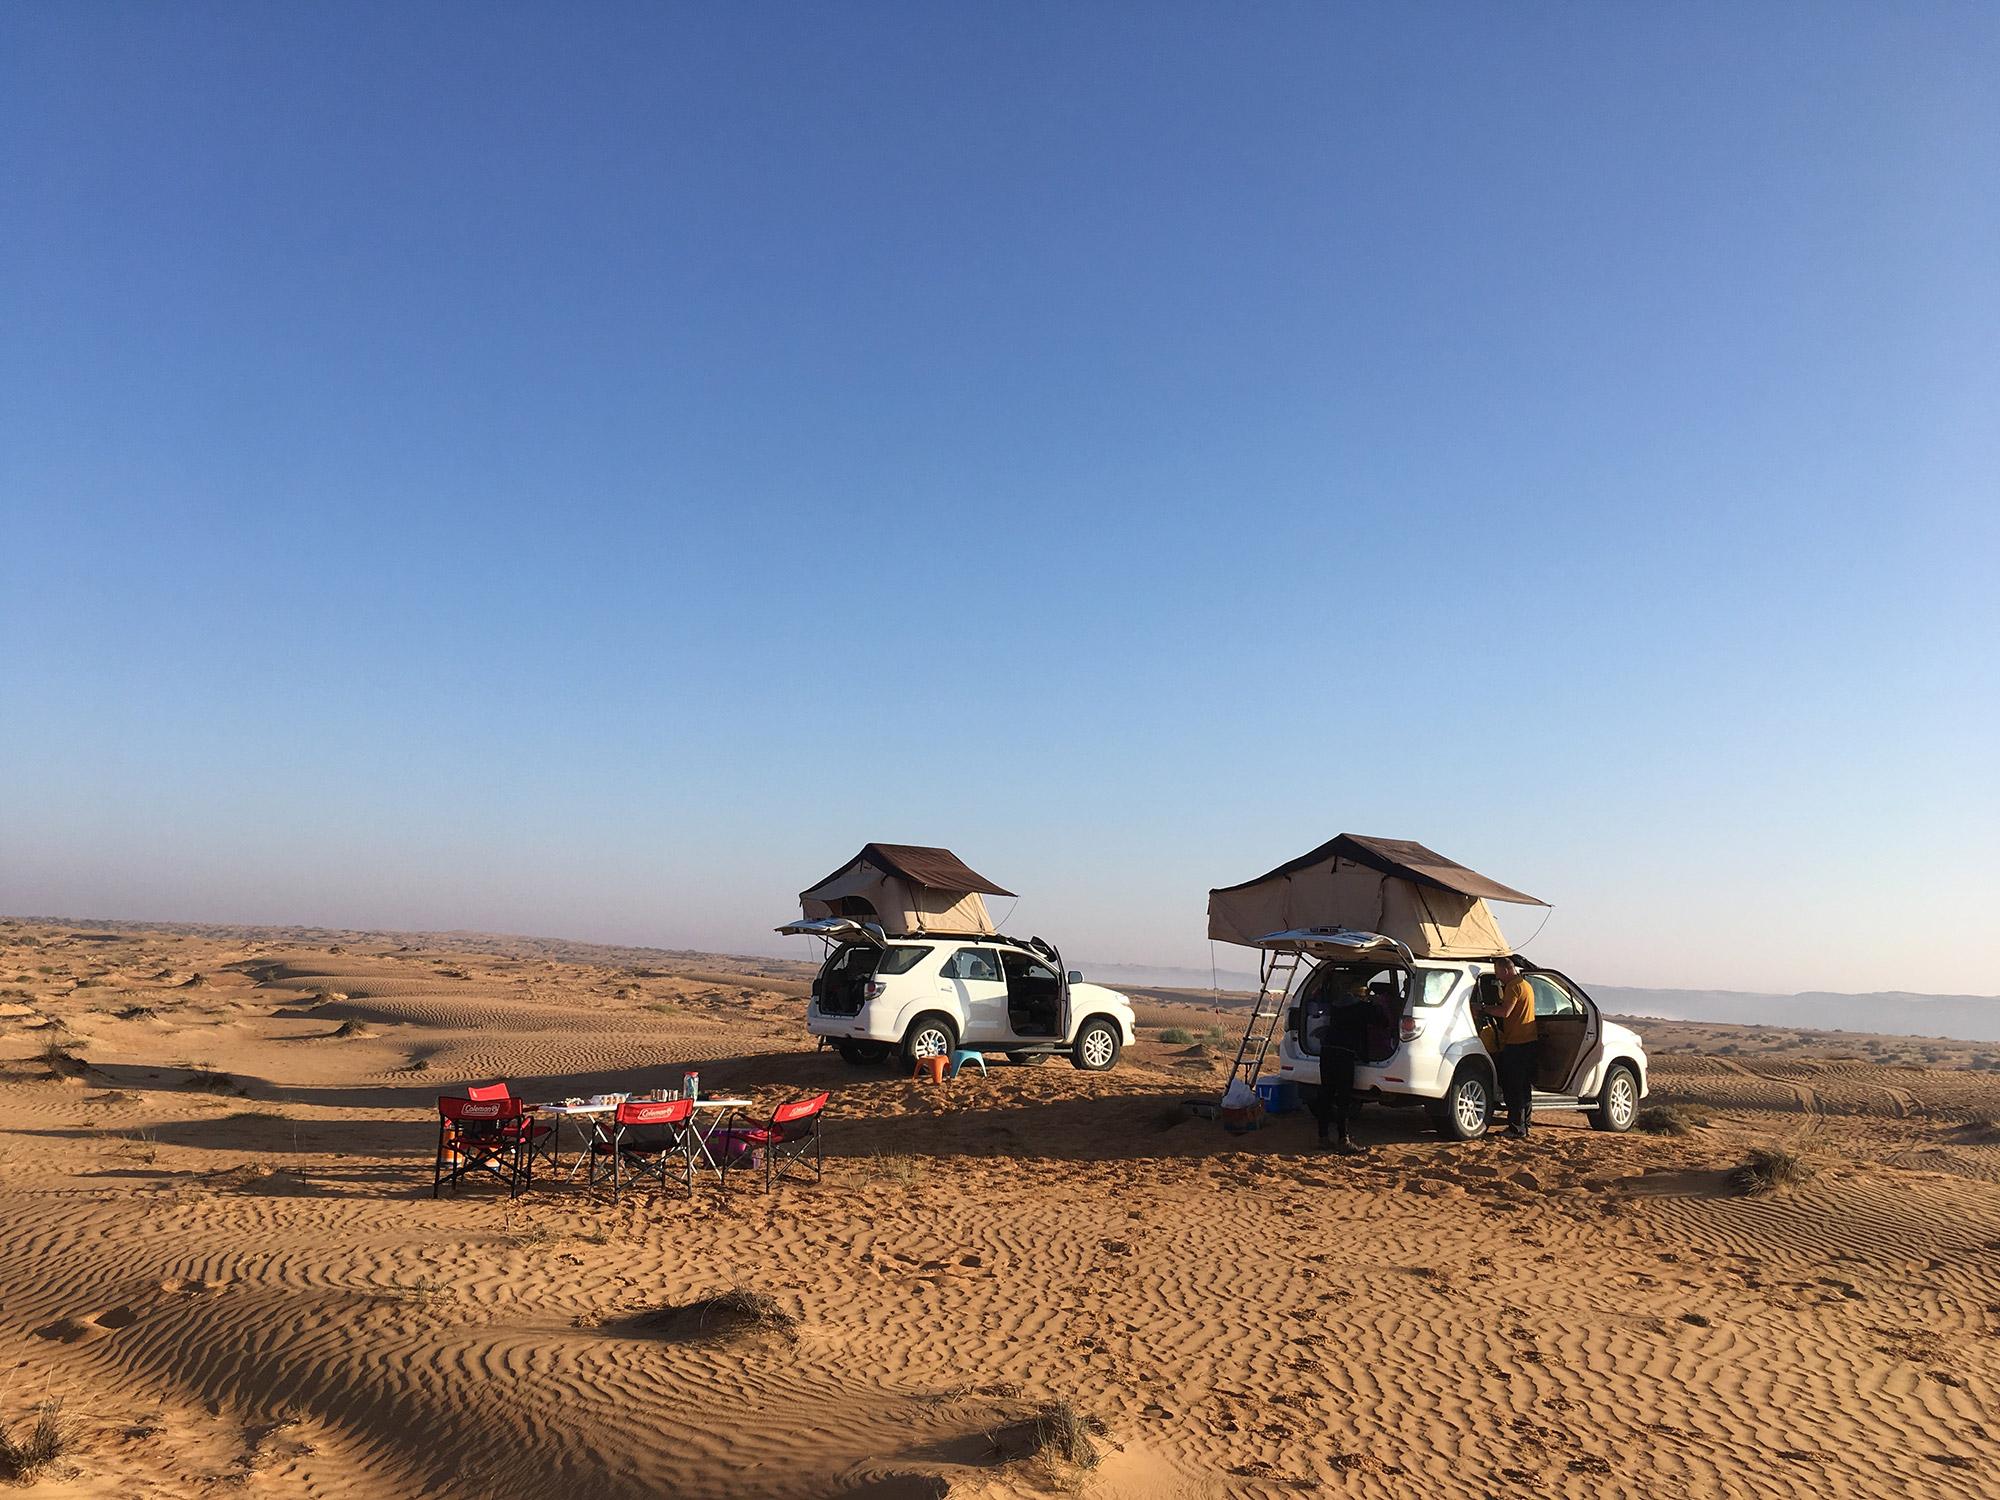 De volgers van Reizen & Reistips: Eric en Claudia - Wahibi Sands in Oman